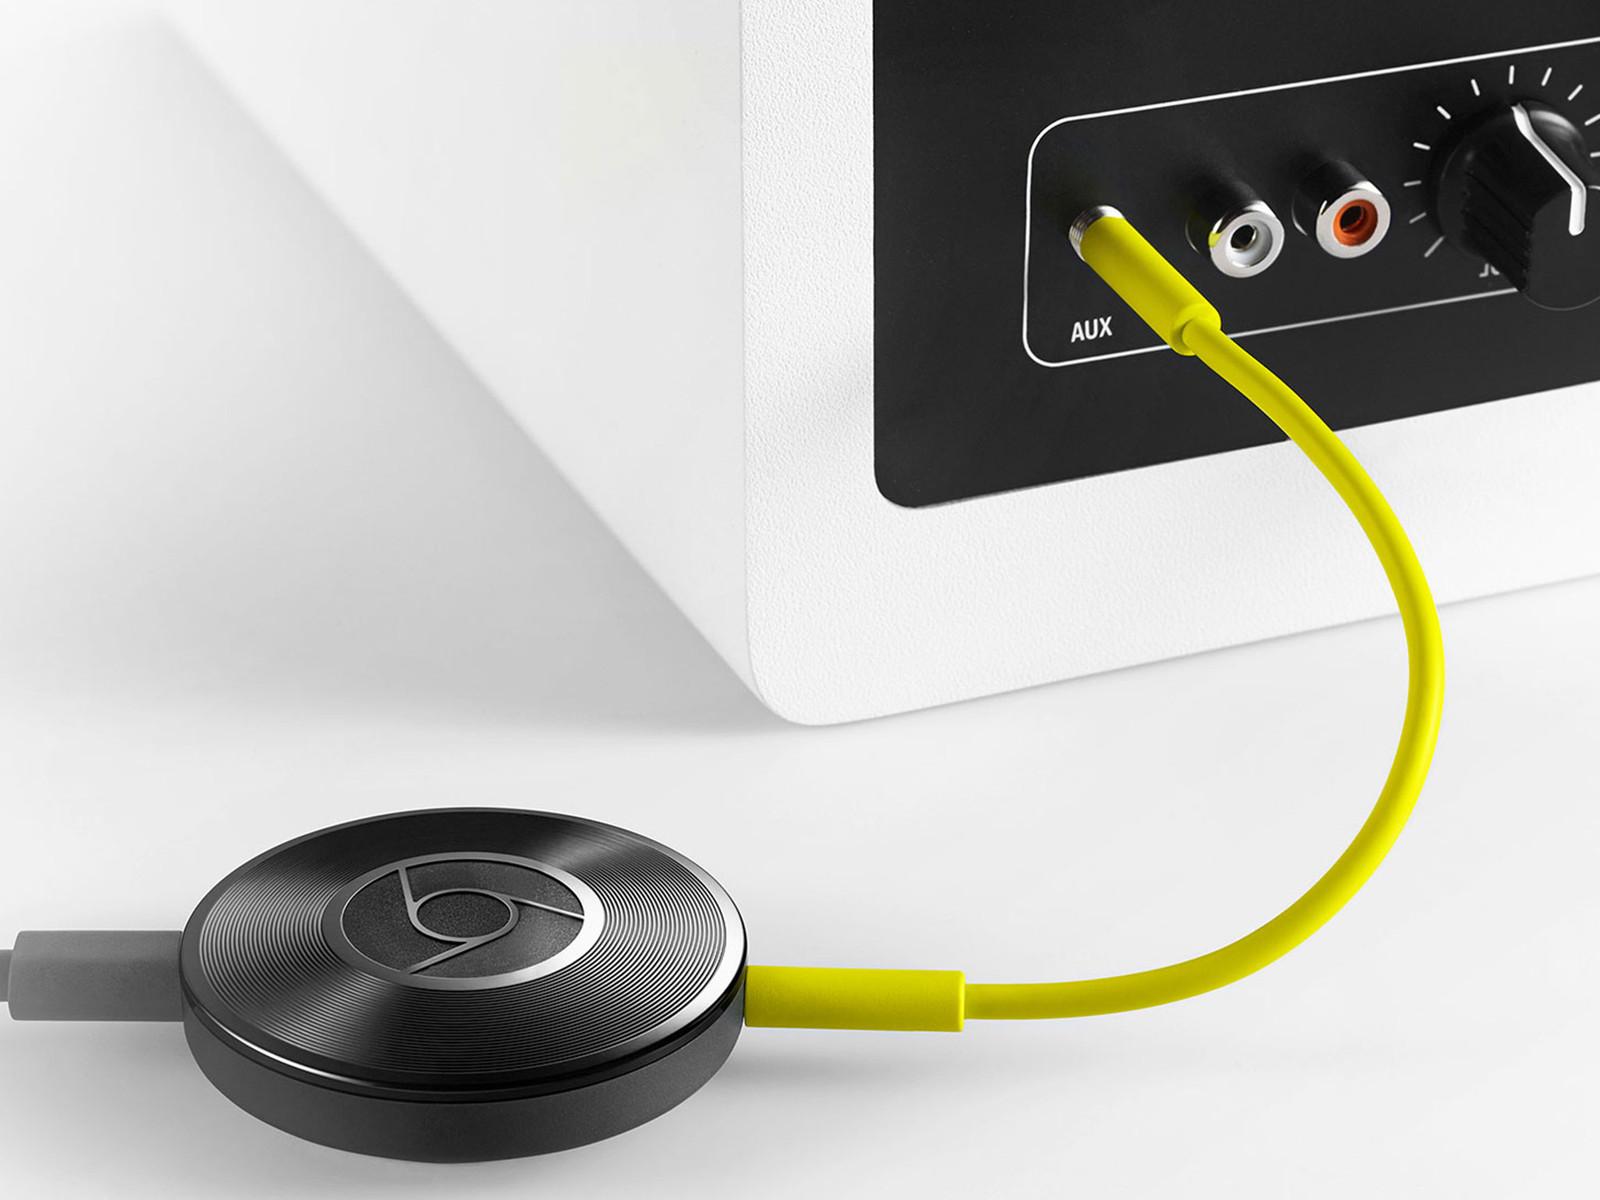 chromecast-audio-speakers.jpg